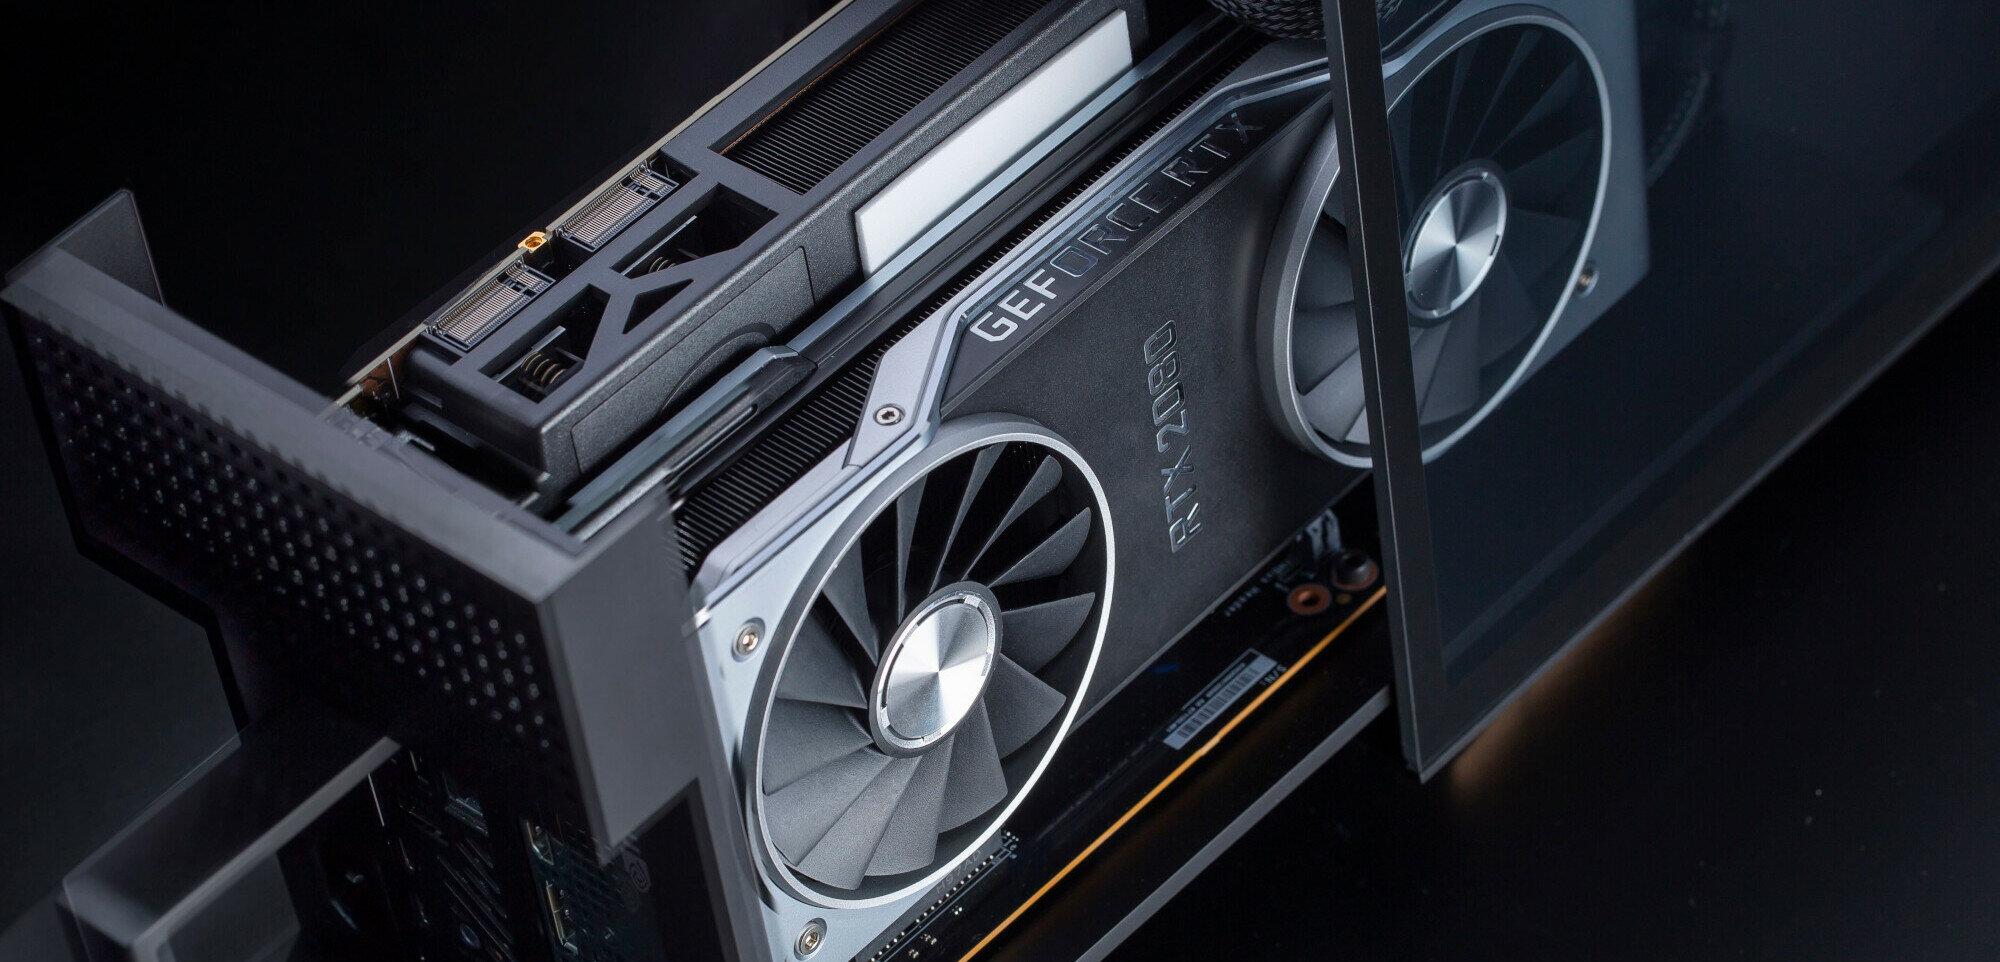 Razer : mini PC Tomahawk N1 presque parfait, manette Kishi pour smartphone et GeForce Now